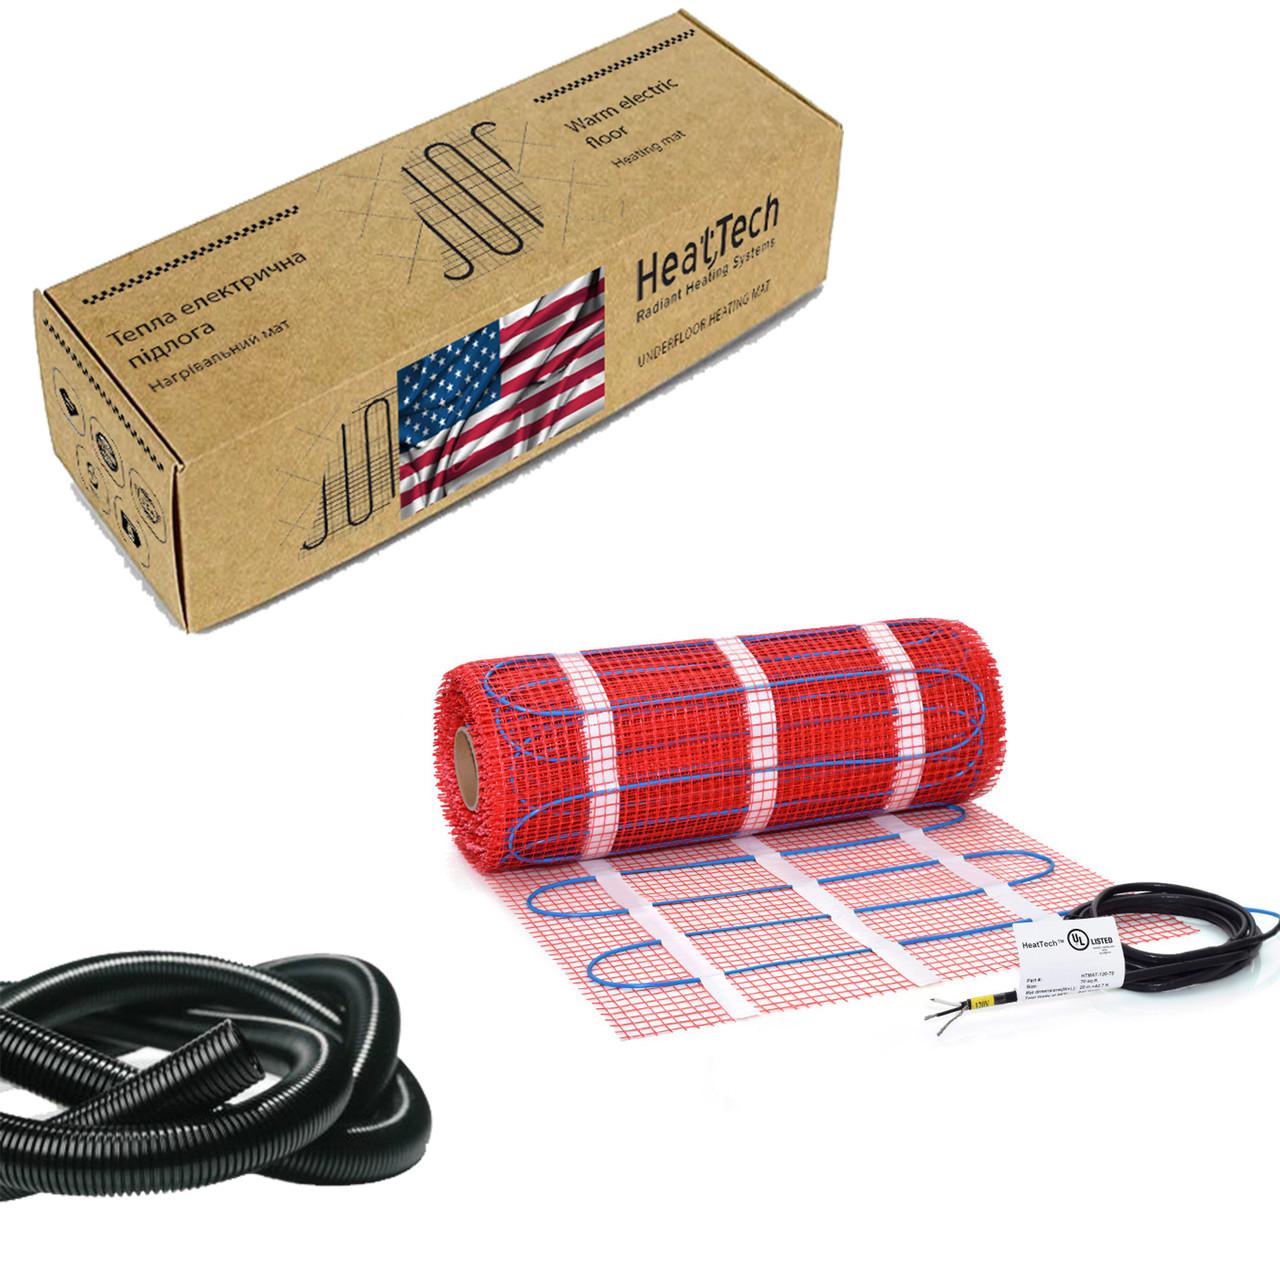 Нагревательный мат для теплого пола HeatTech (США) HTMAT 2000 Вт 11,0 м.кв.